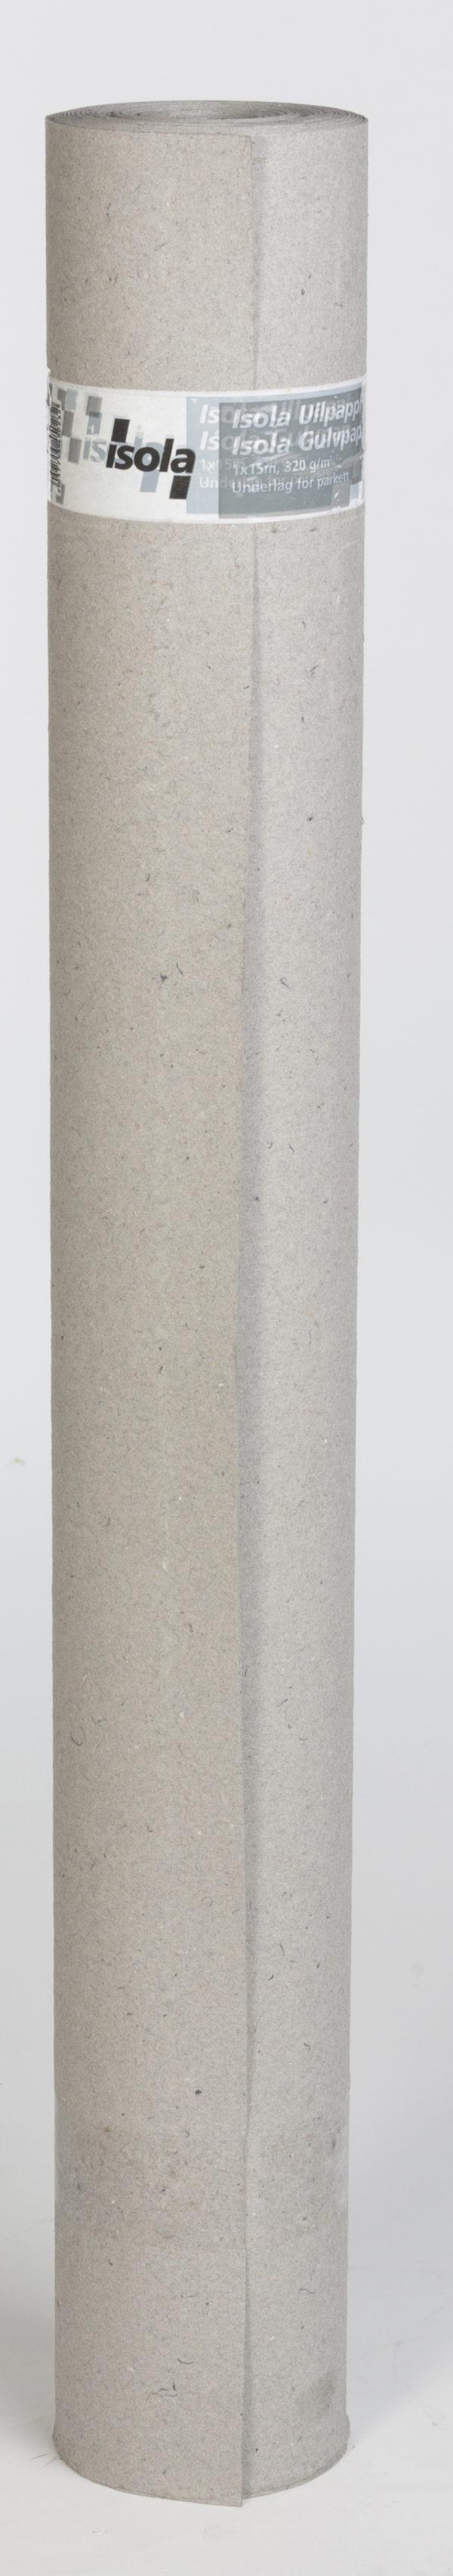 Ullpapp, tilbehør gulv